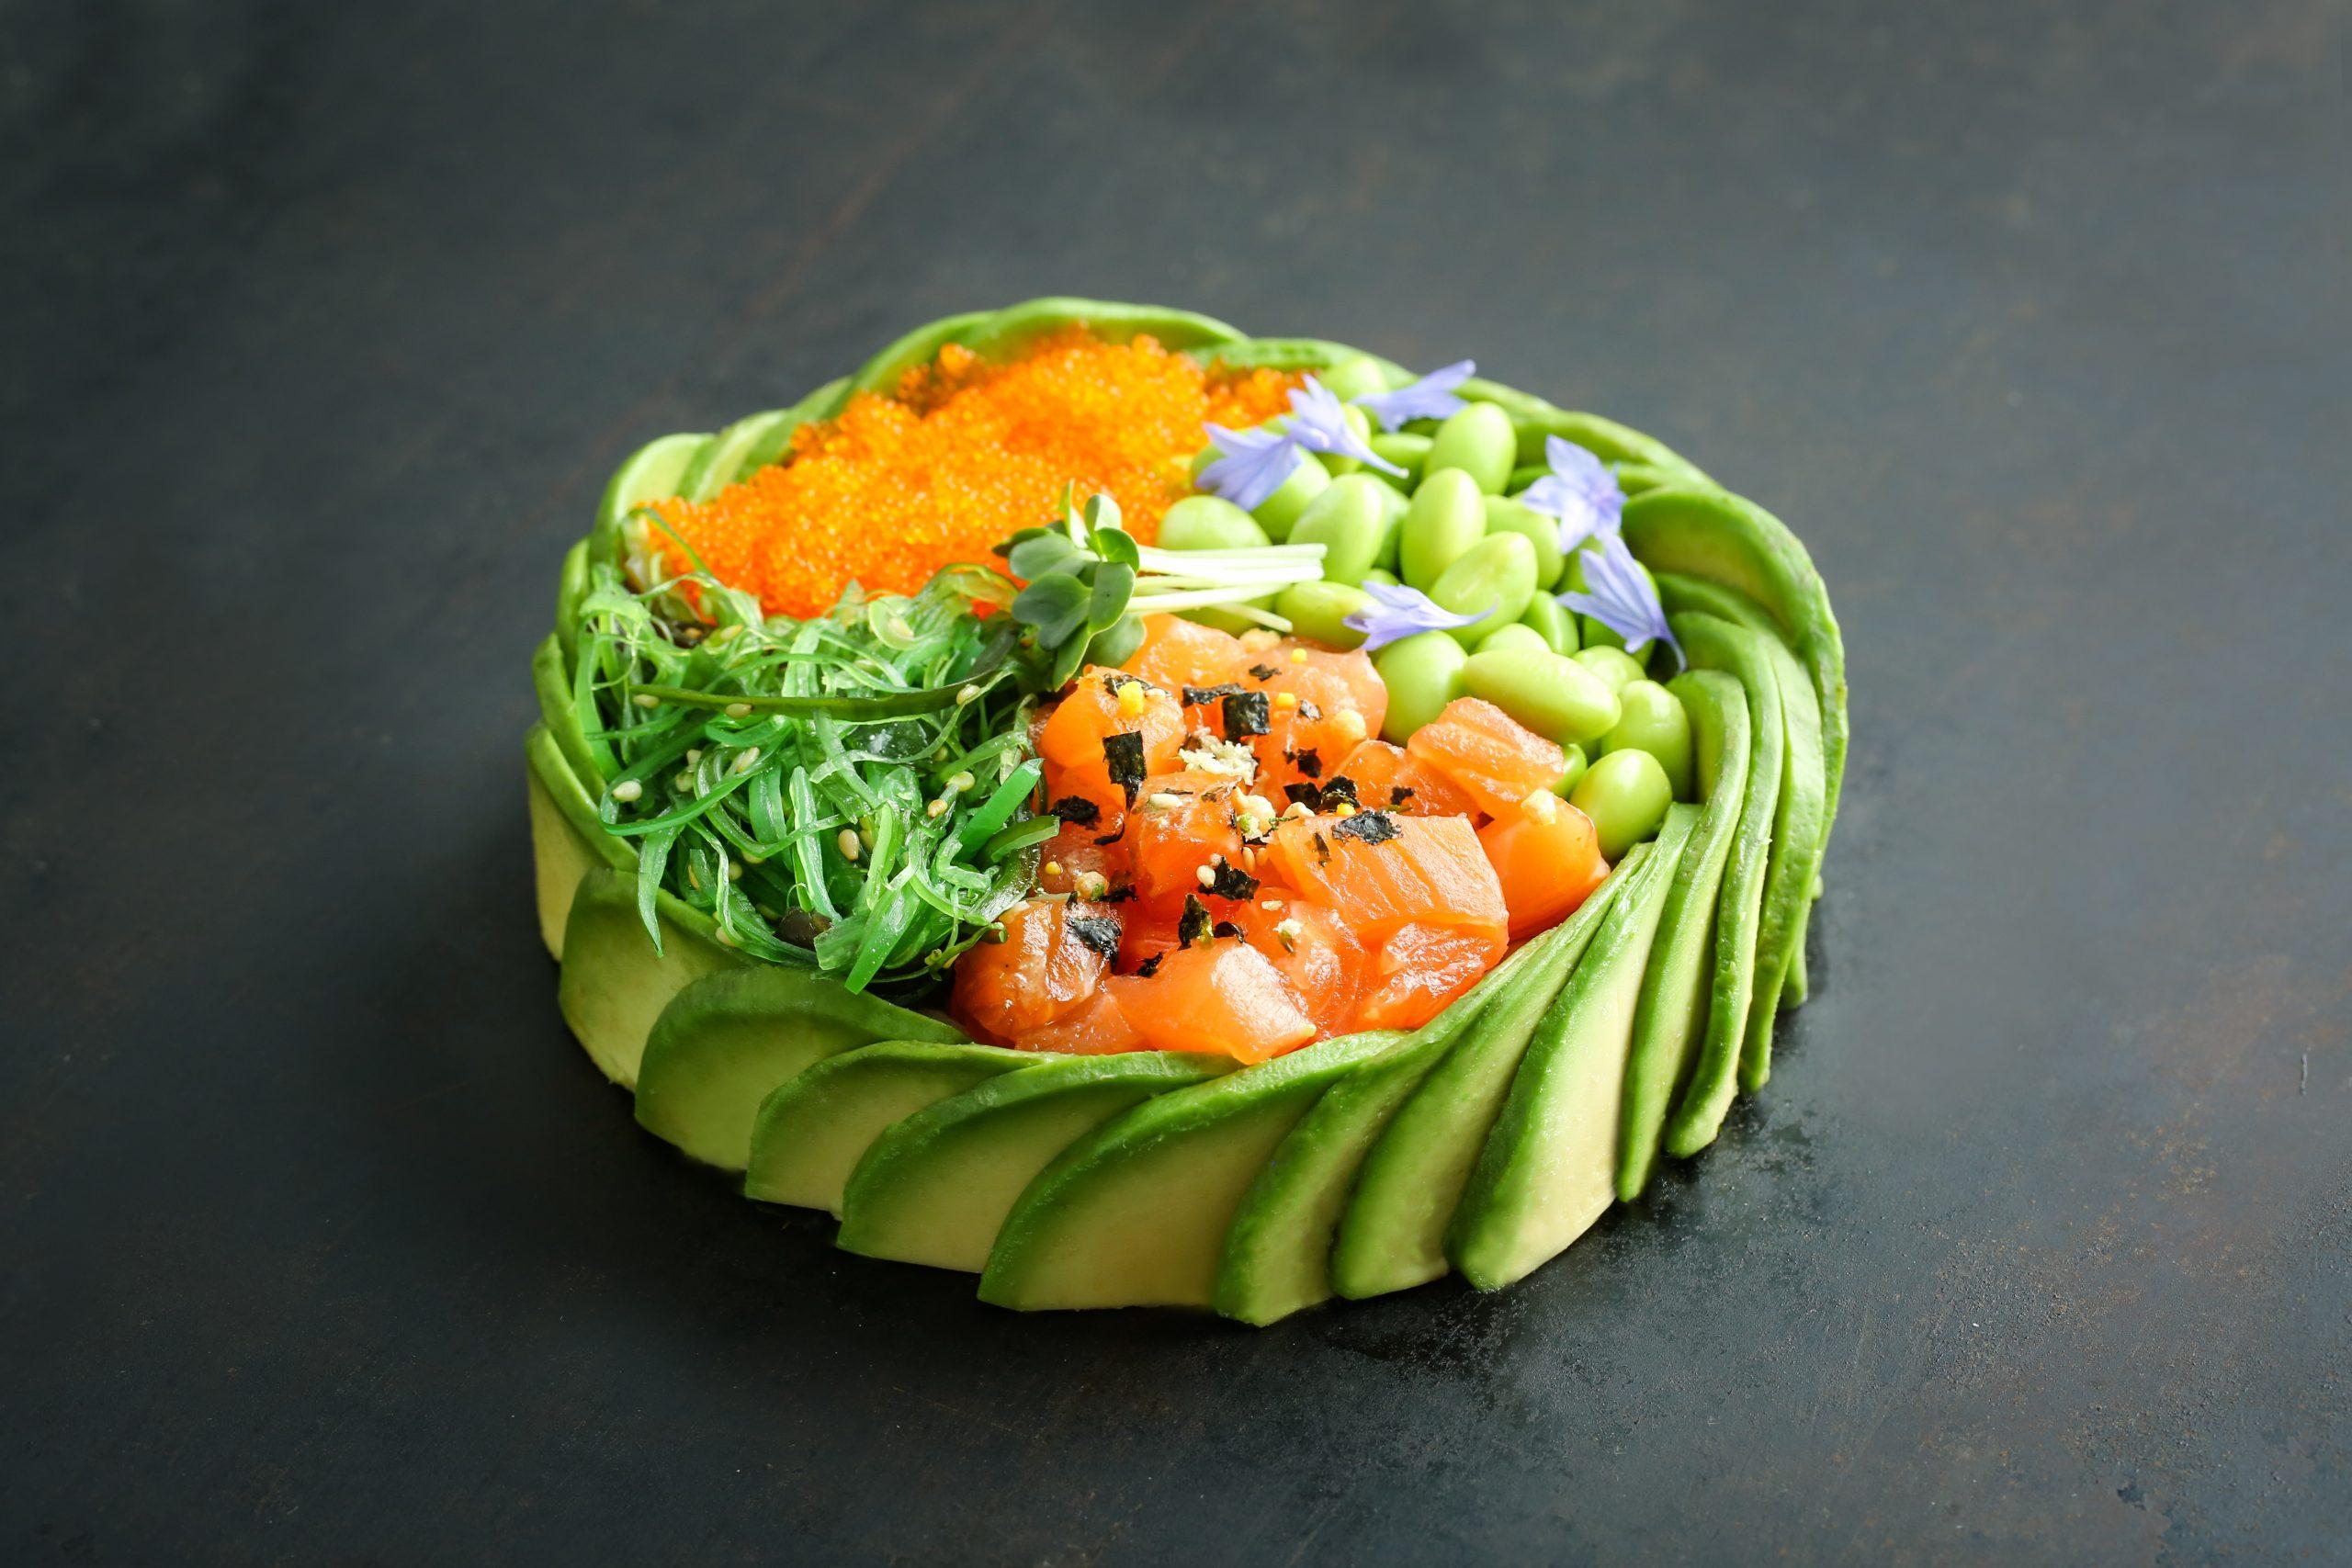 Salvocado/Foto: The Avocado Show